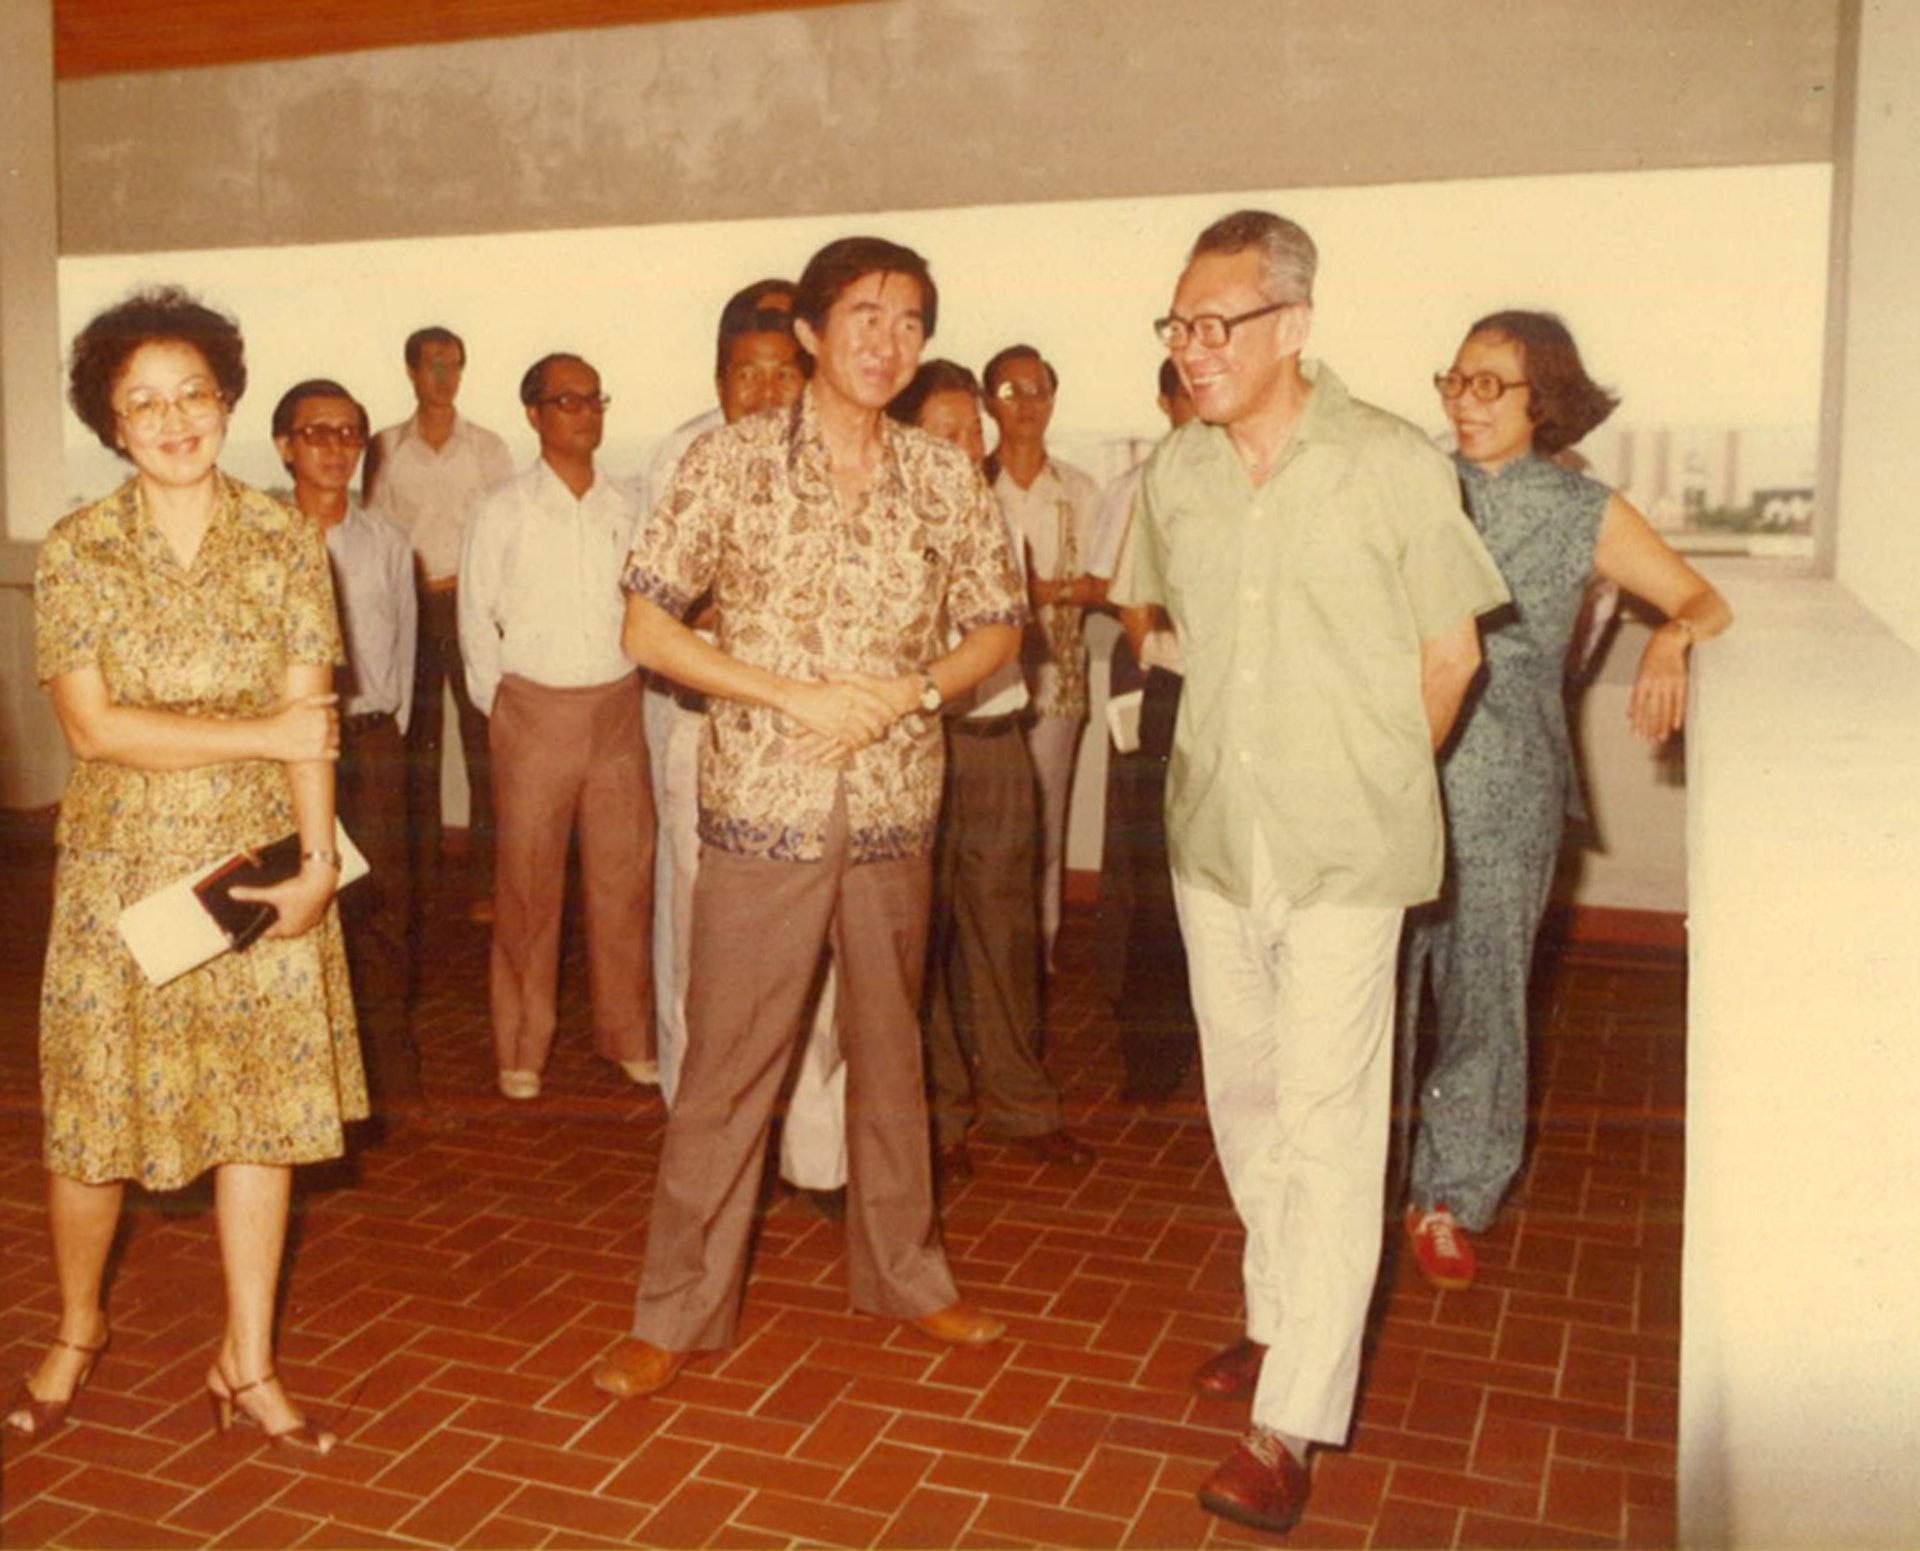 劉太格(中)提到,與已故新加坡總理李光耀(右)共事期間,李從不曾要求興建任何標誌性建築,而是反覆強調要怎樣解決人民生活、土地的問題。(劉太格提供)